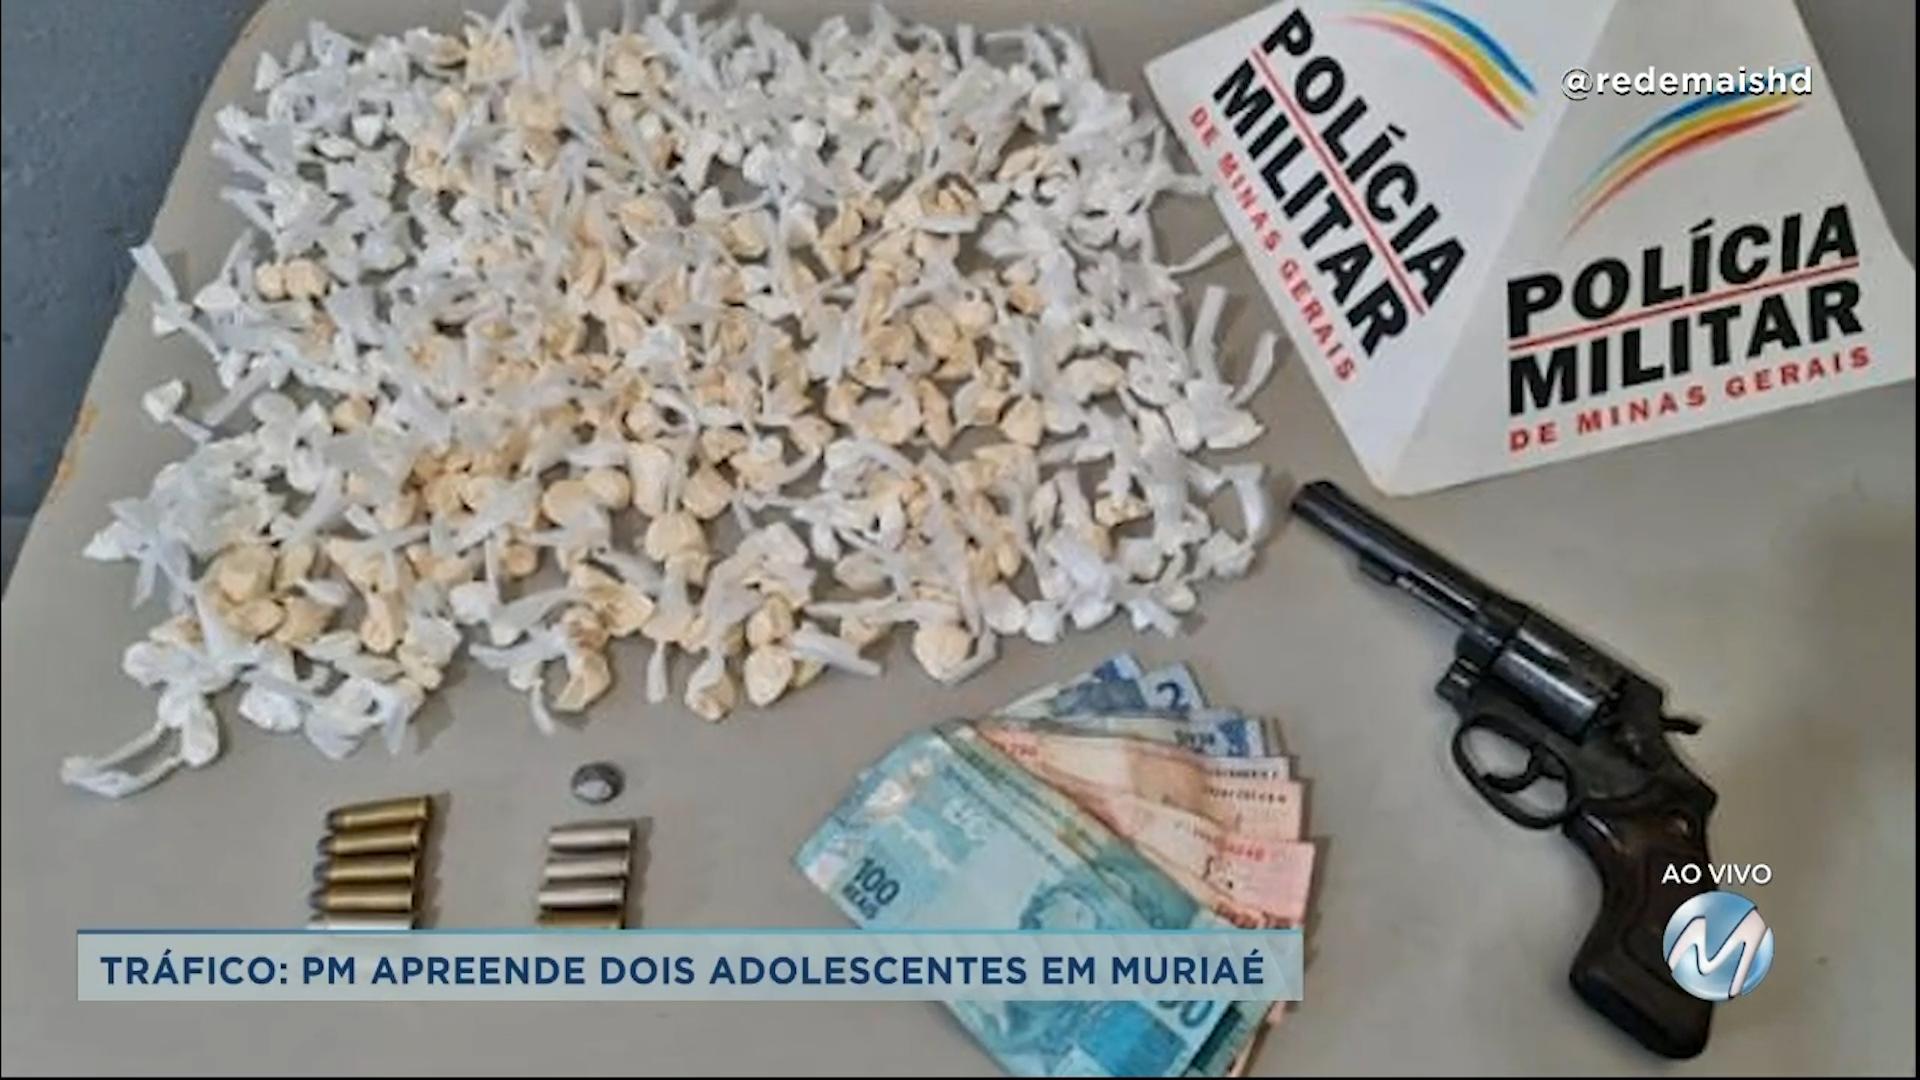 Tráfico: PM apreende dois adolescentes em Muriaé